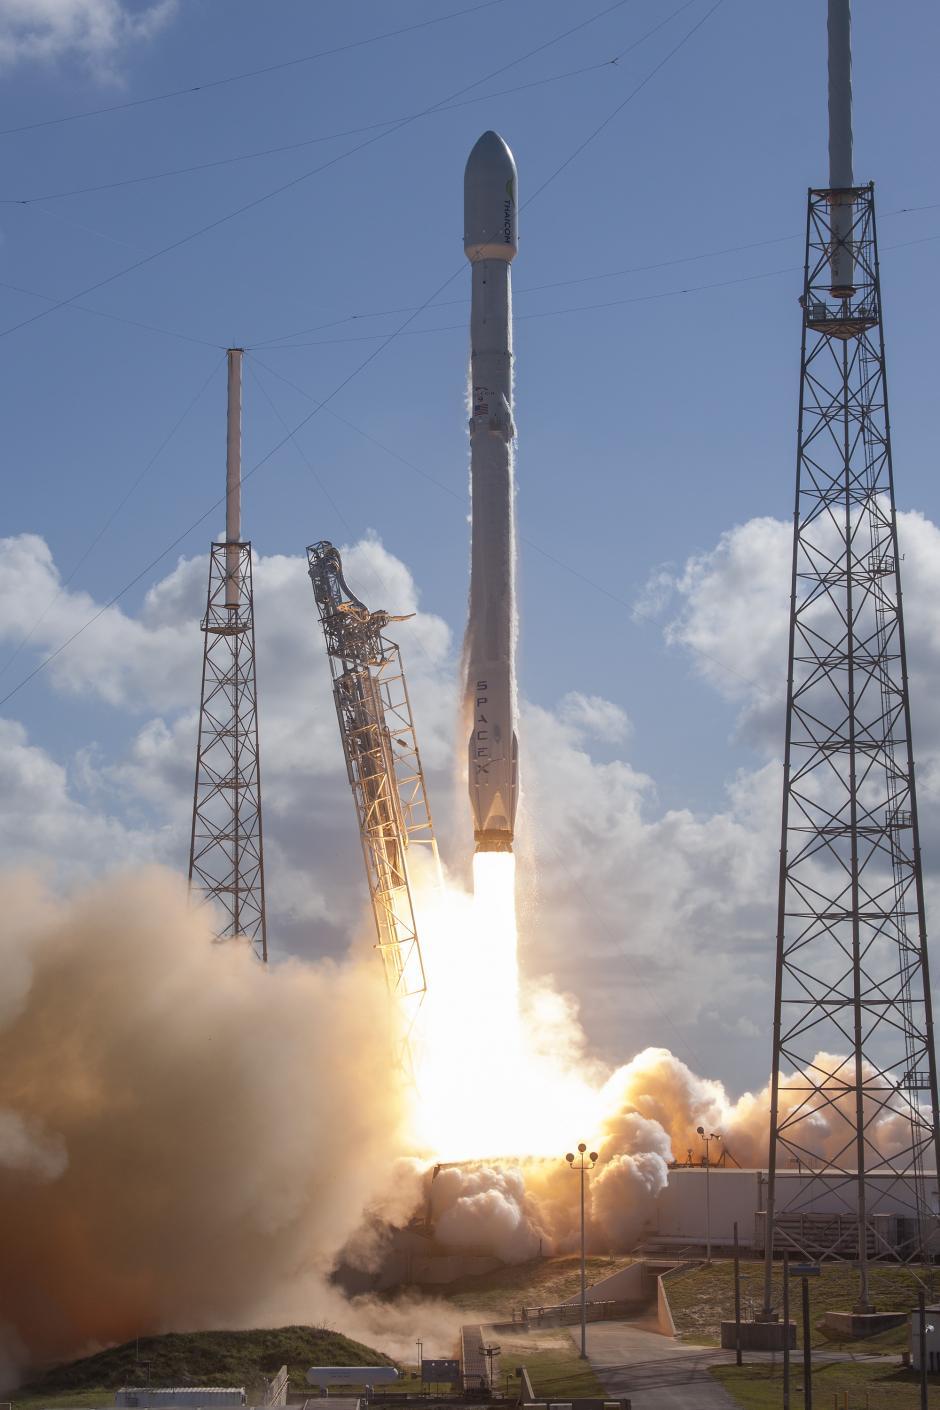 La misión es colocar en órbita el satélite de telecomunicaciones tailandés Thaicom 8, (Foto: SpaceX)